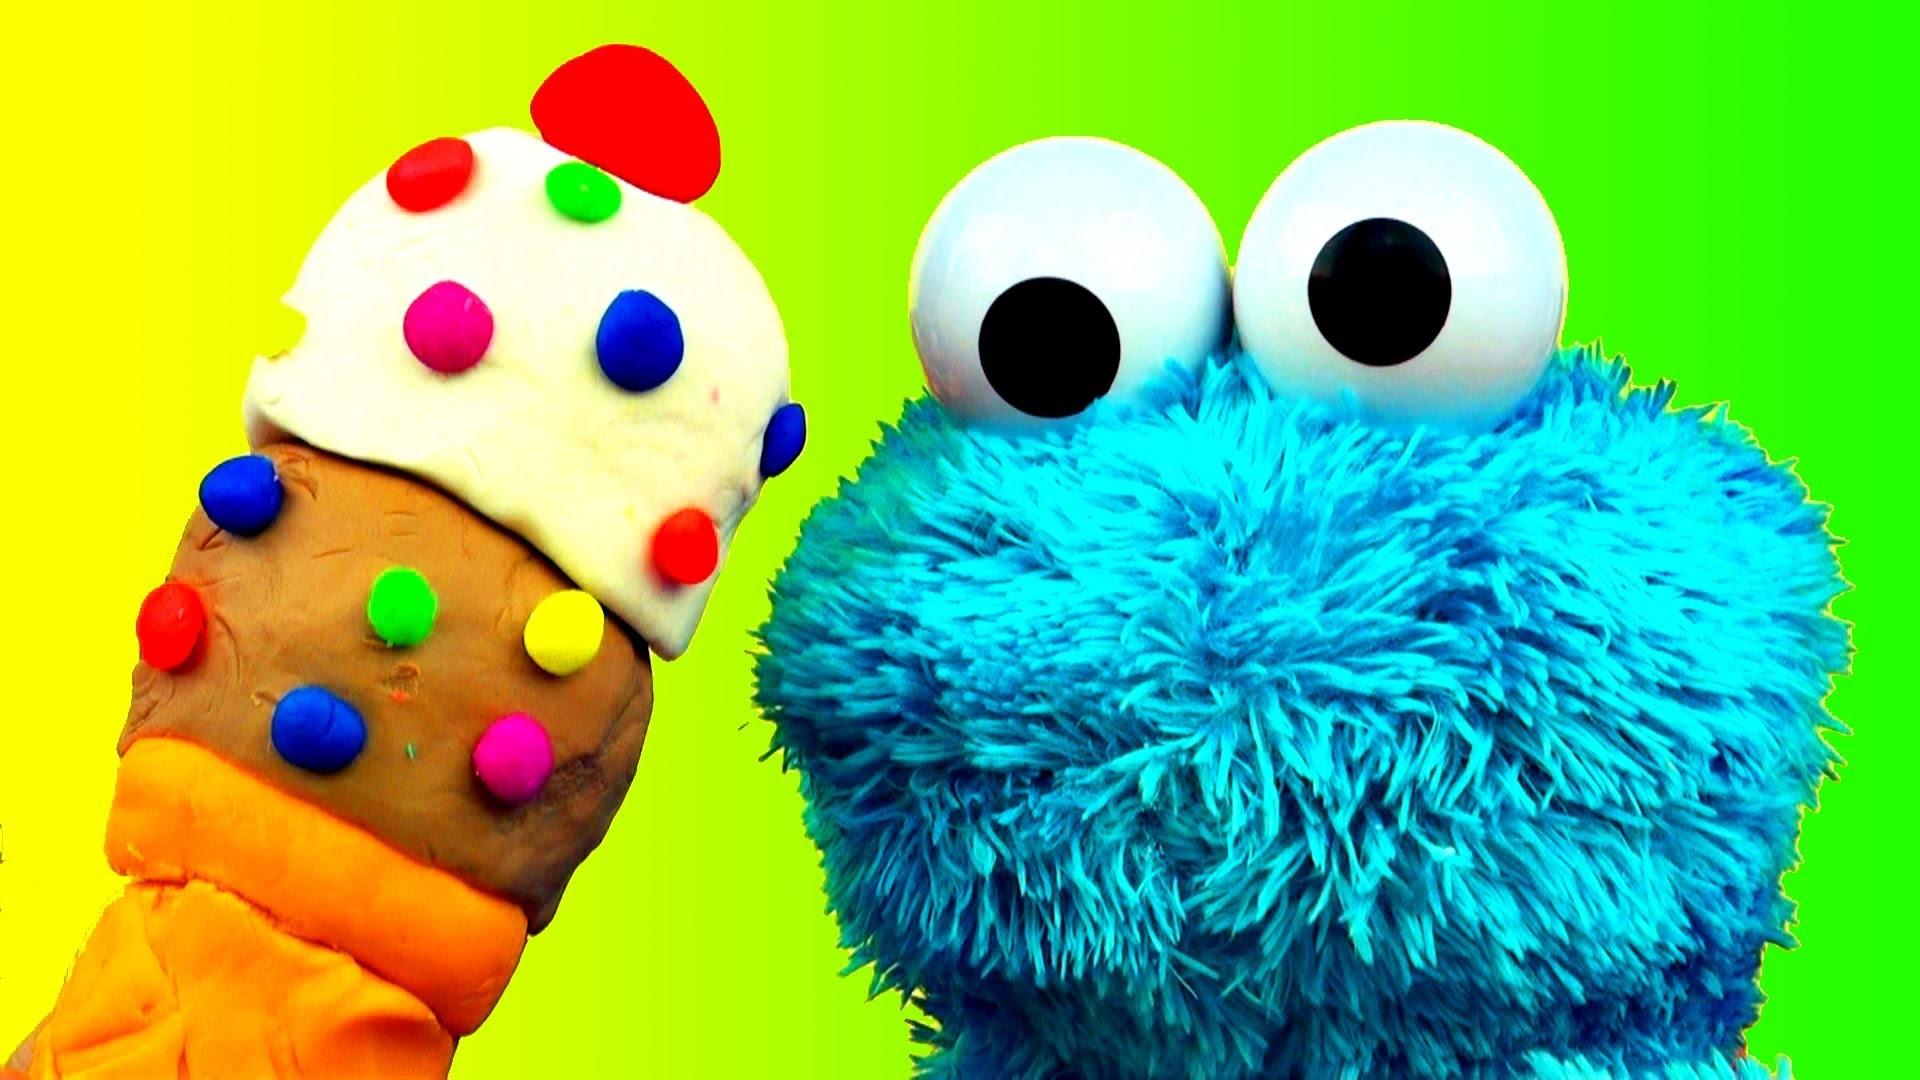 Sesame Street Bert Ernie Oscar The Grouch Big Bird   Cookie 1920x1080